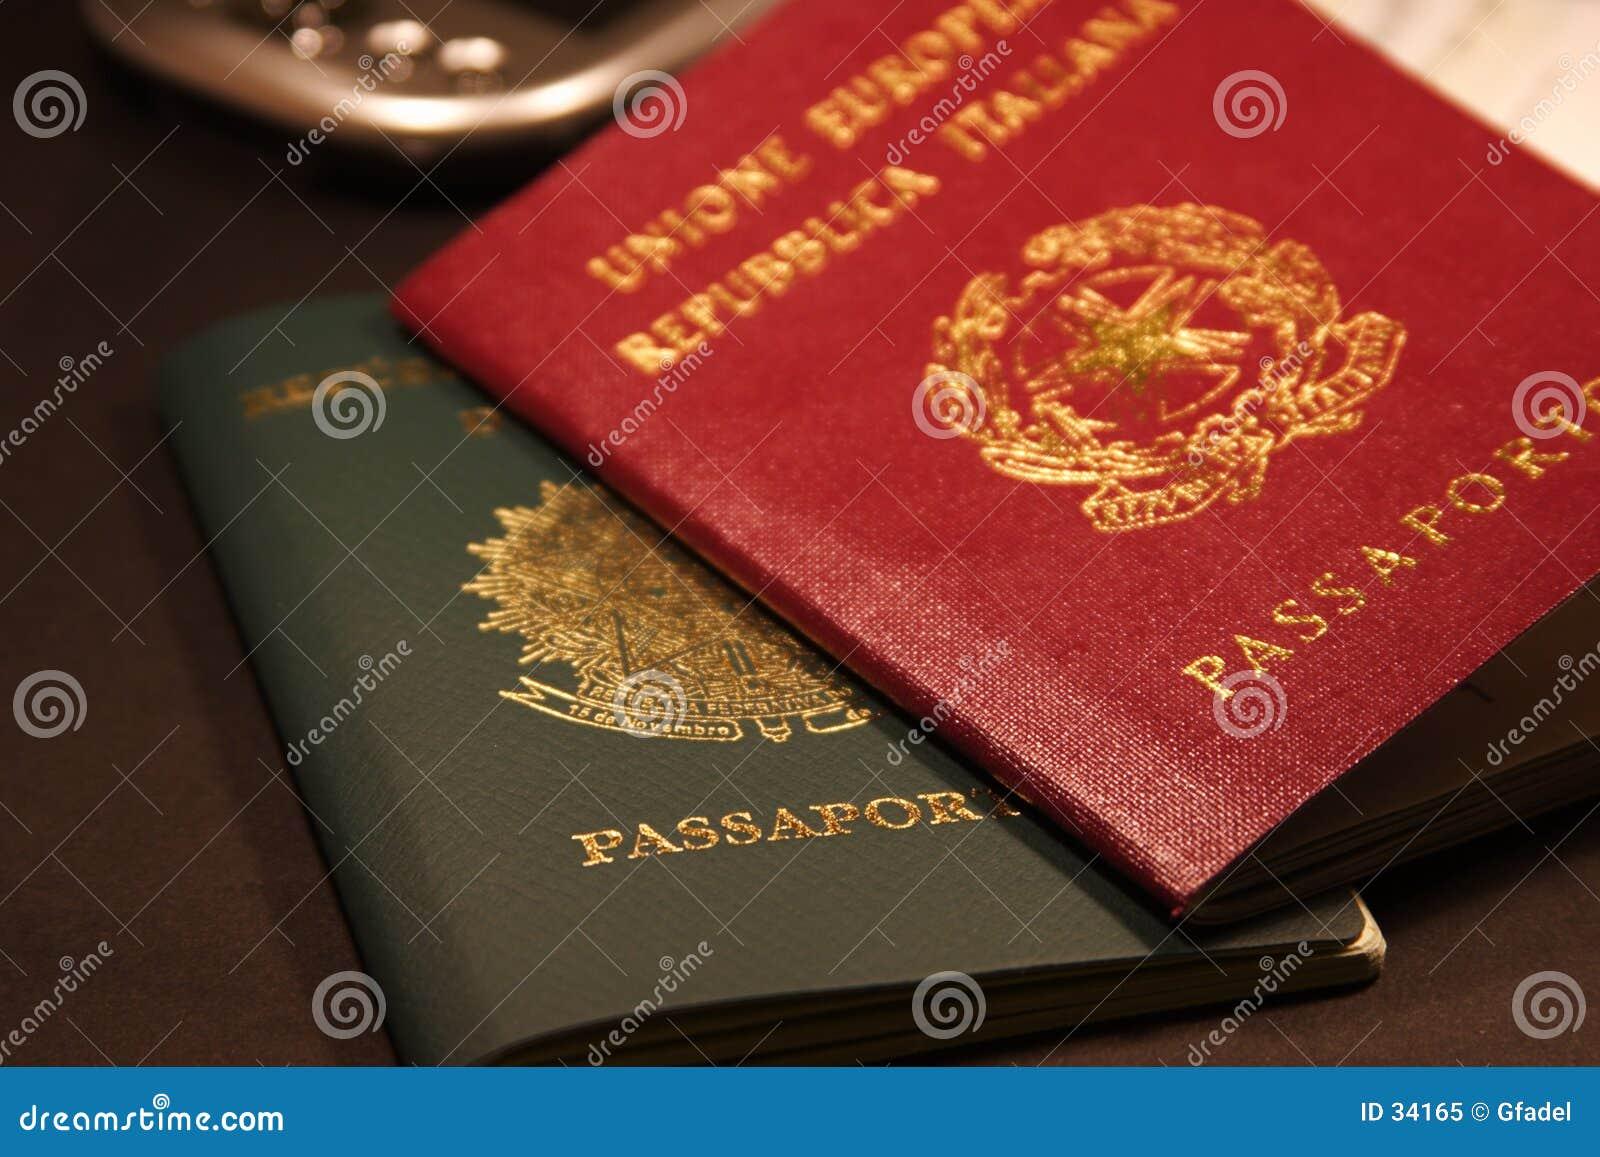 Download Pasaporte imagen de archivo. Imagen de aeroplano, vacaciones - 34165